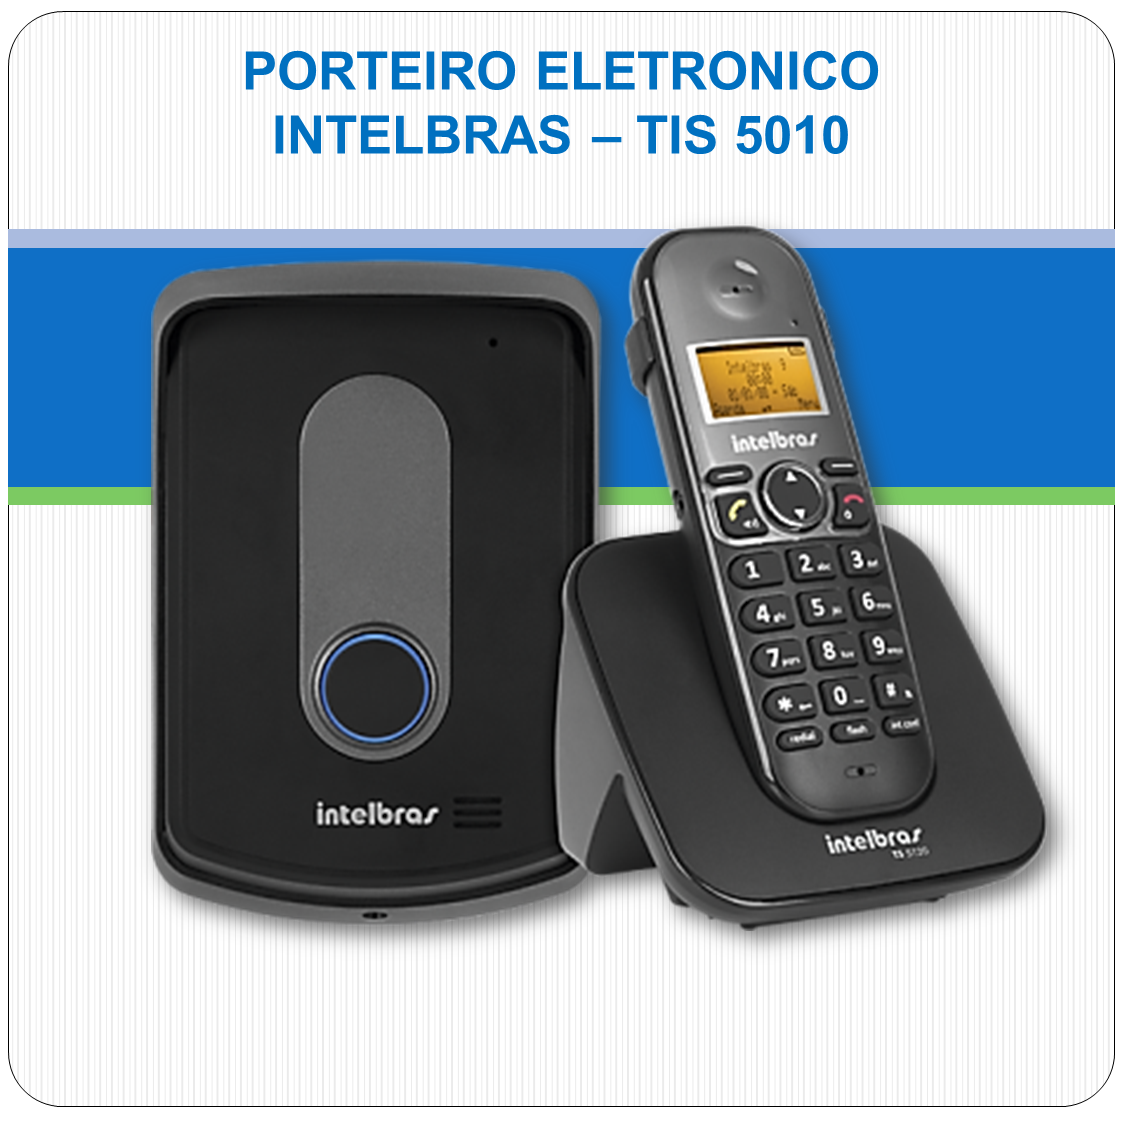 Porteiro Eletrônico Sem Fio Intelbras - TIS 5010